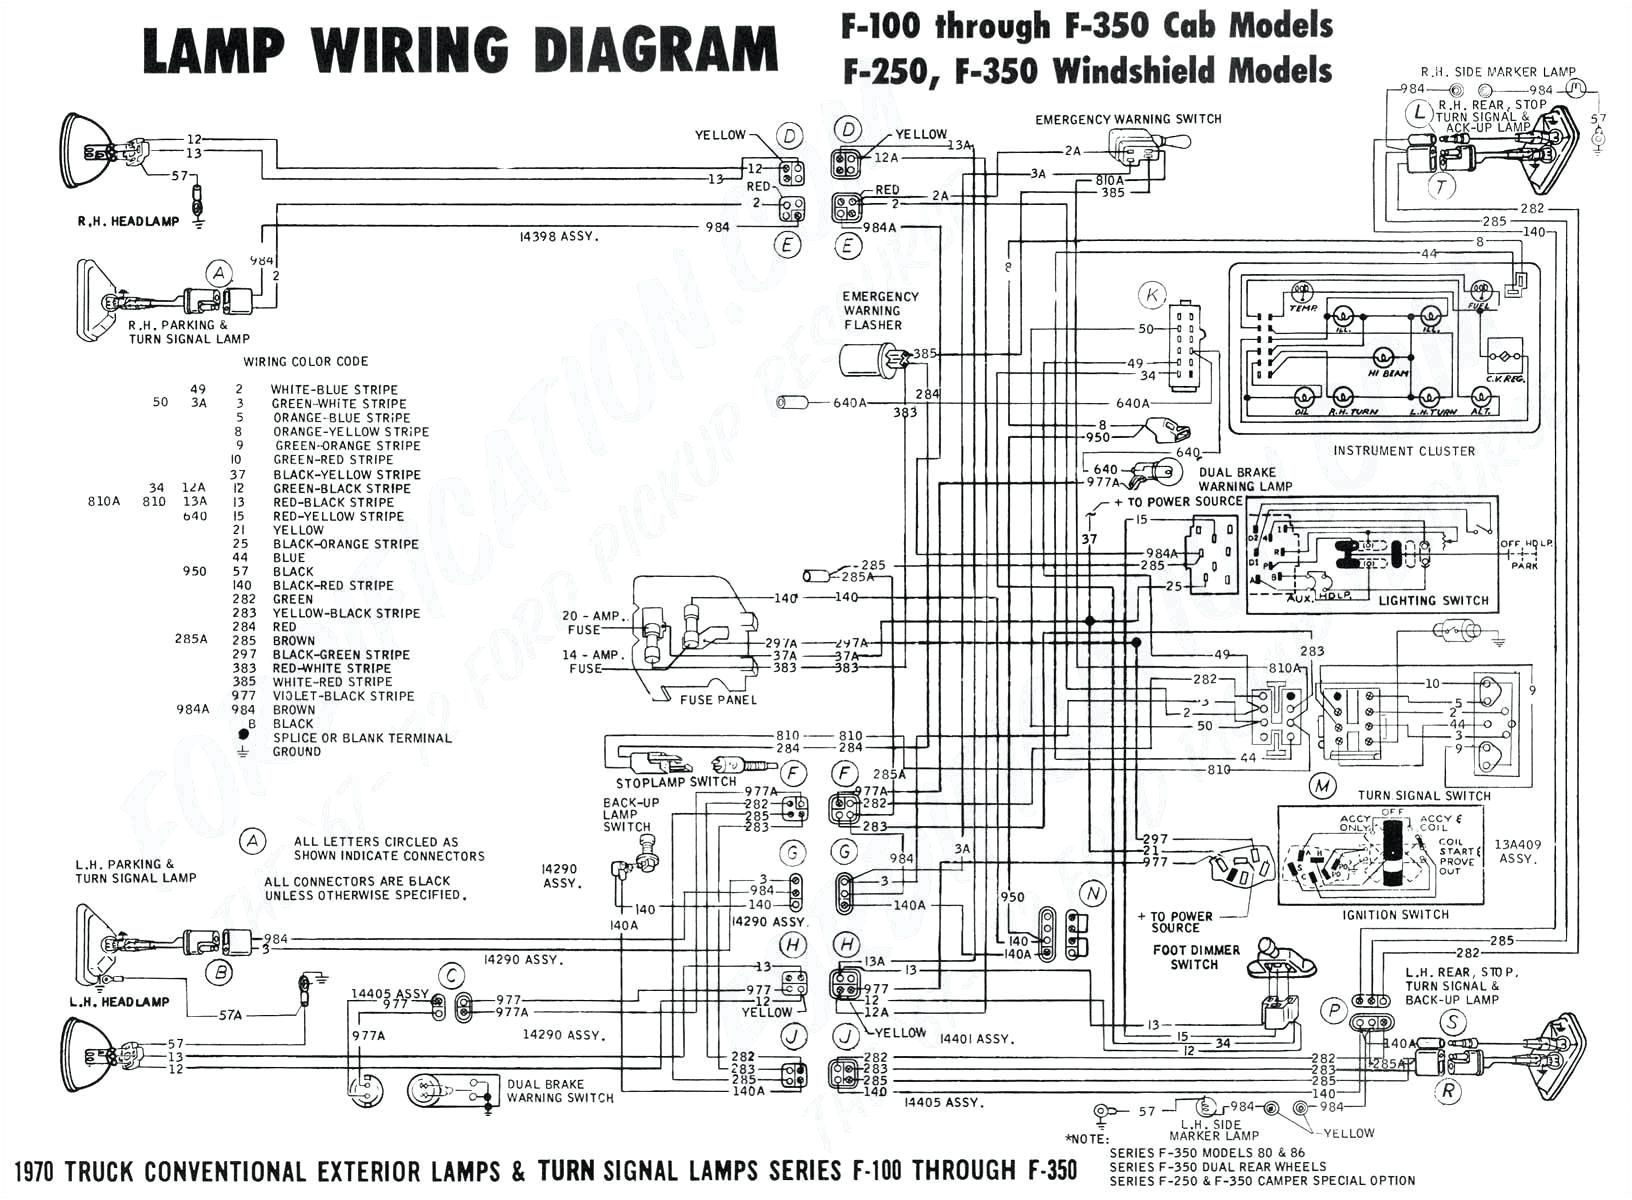 2010 F150 Wiring Diagram 2010 F150 Wiring Diagram Wiring Diagram Mega